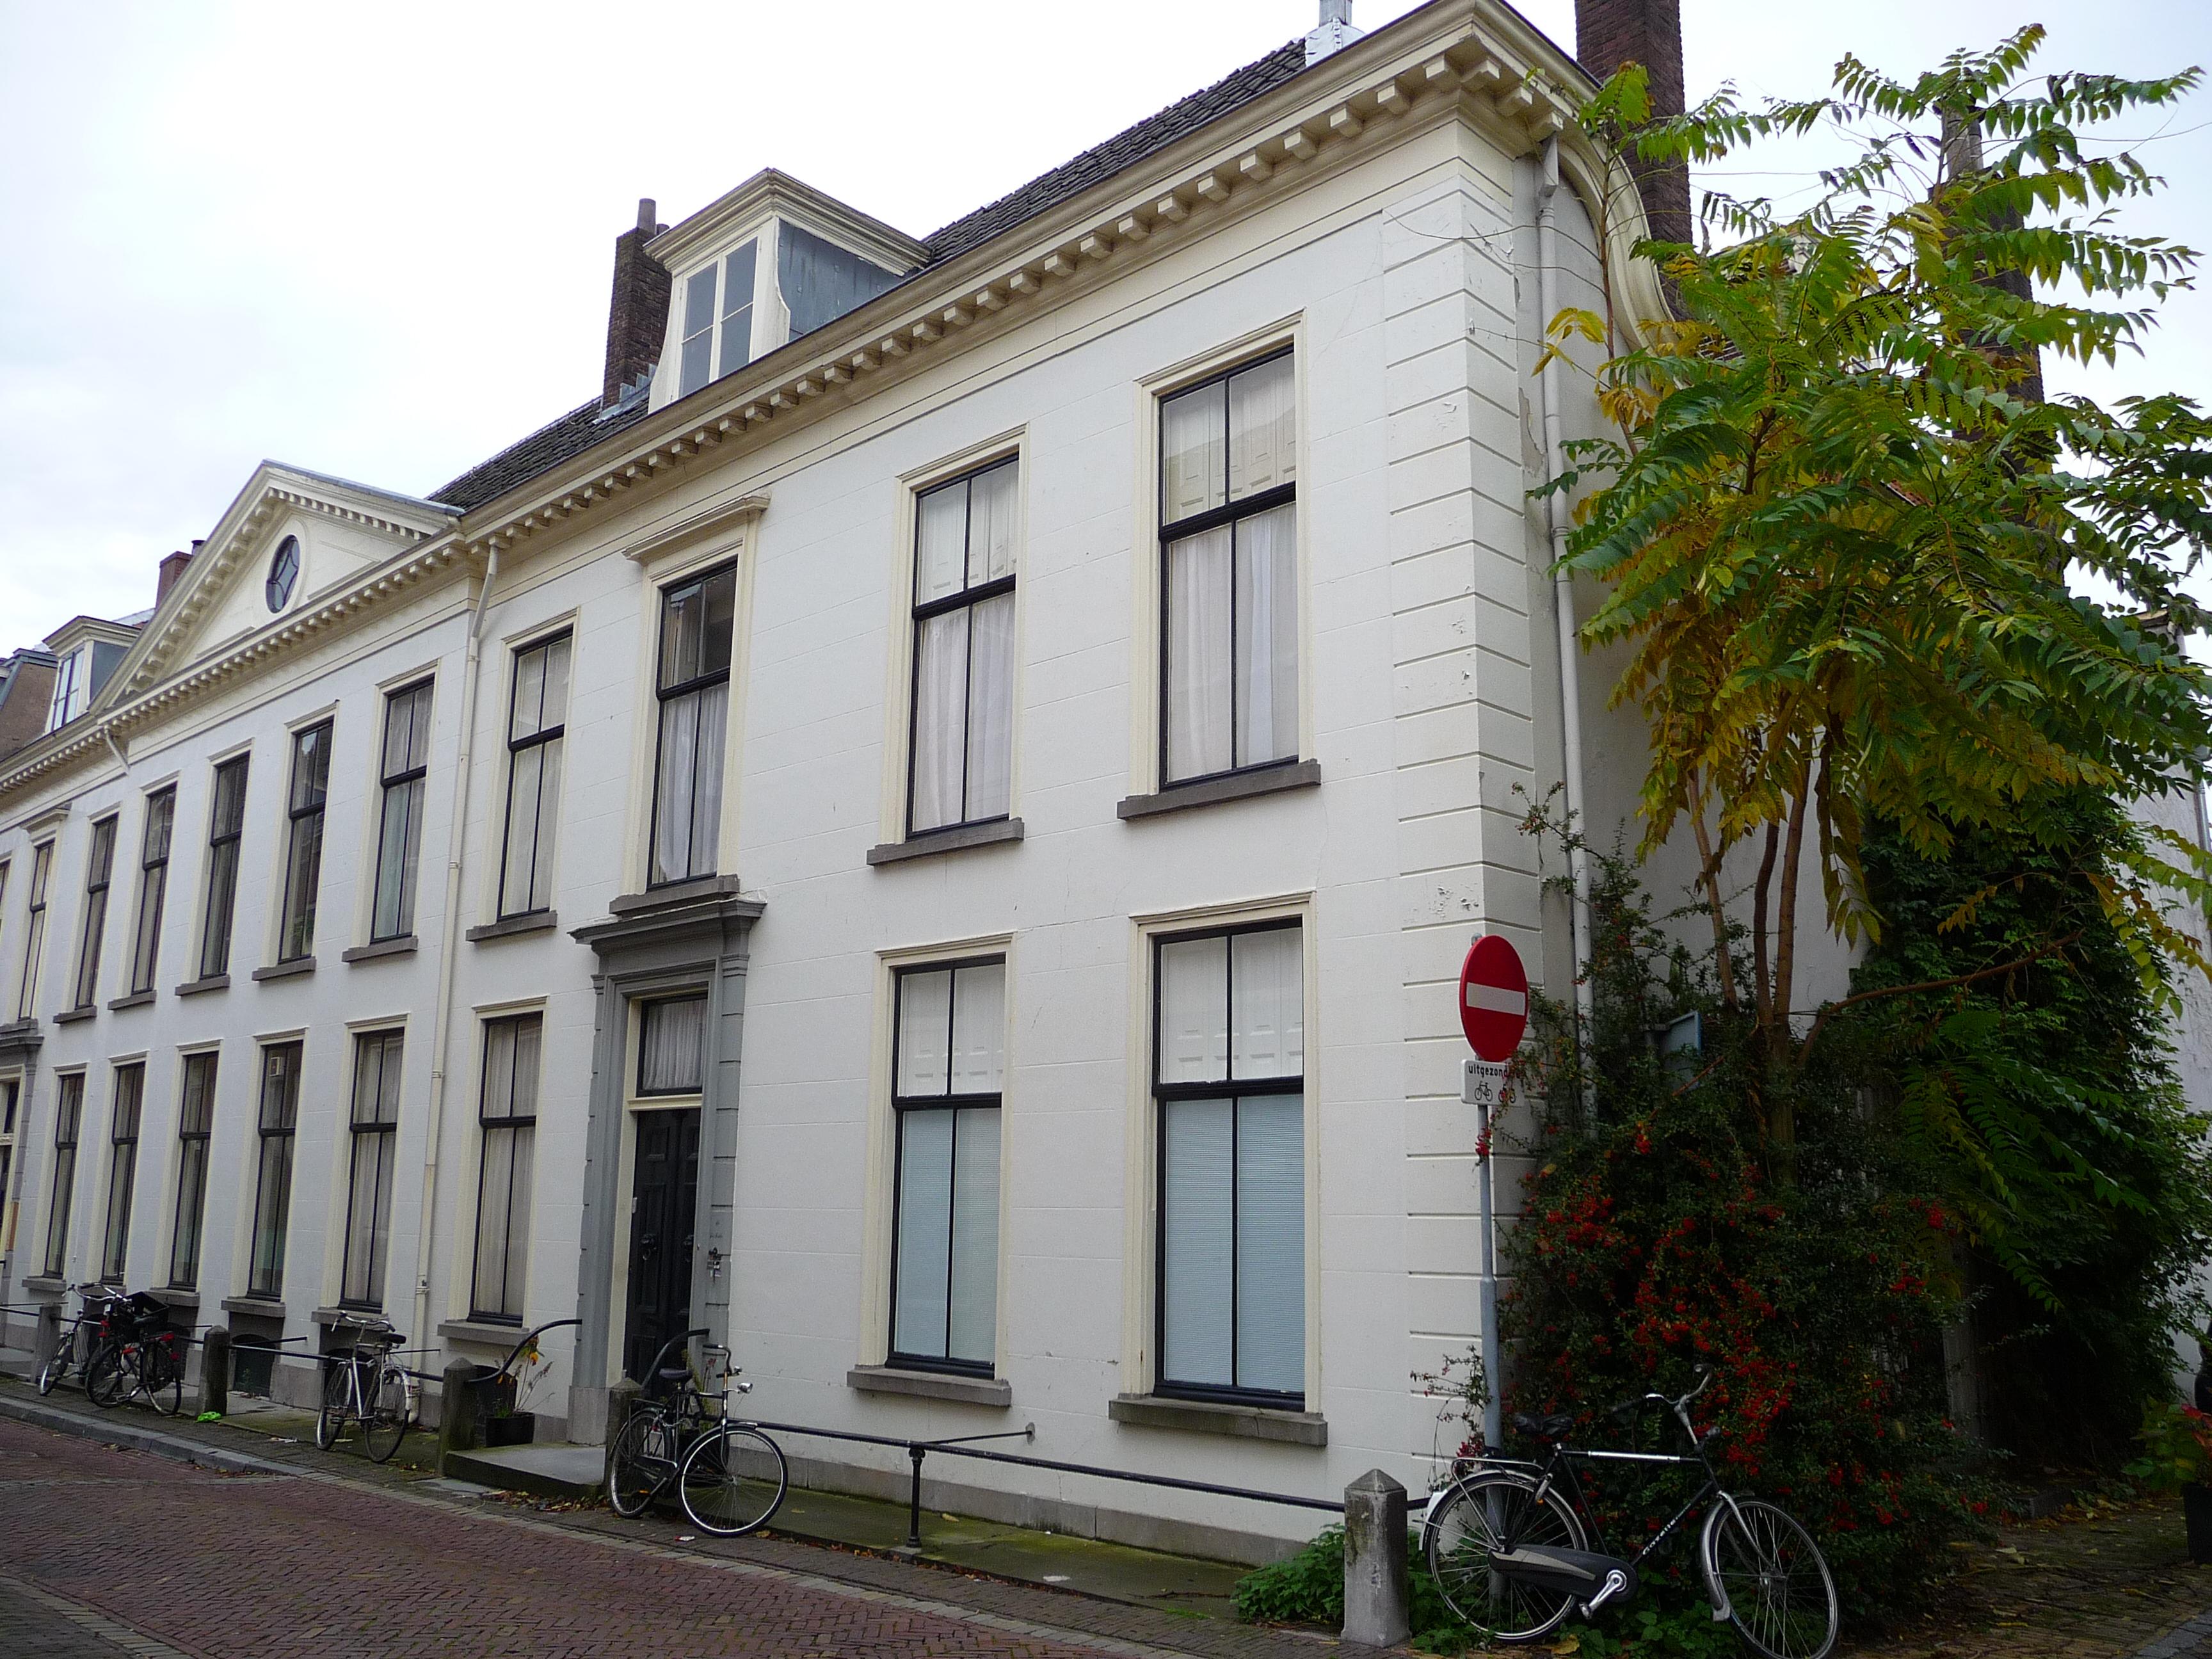 Statig huis met rechte kroonlijst en tympanon in utrecht for Huis utrecht